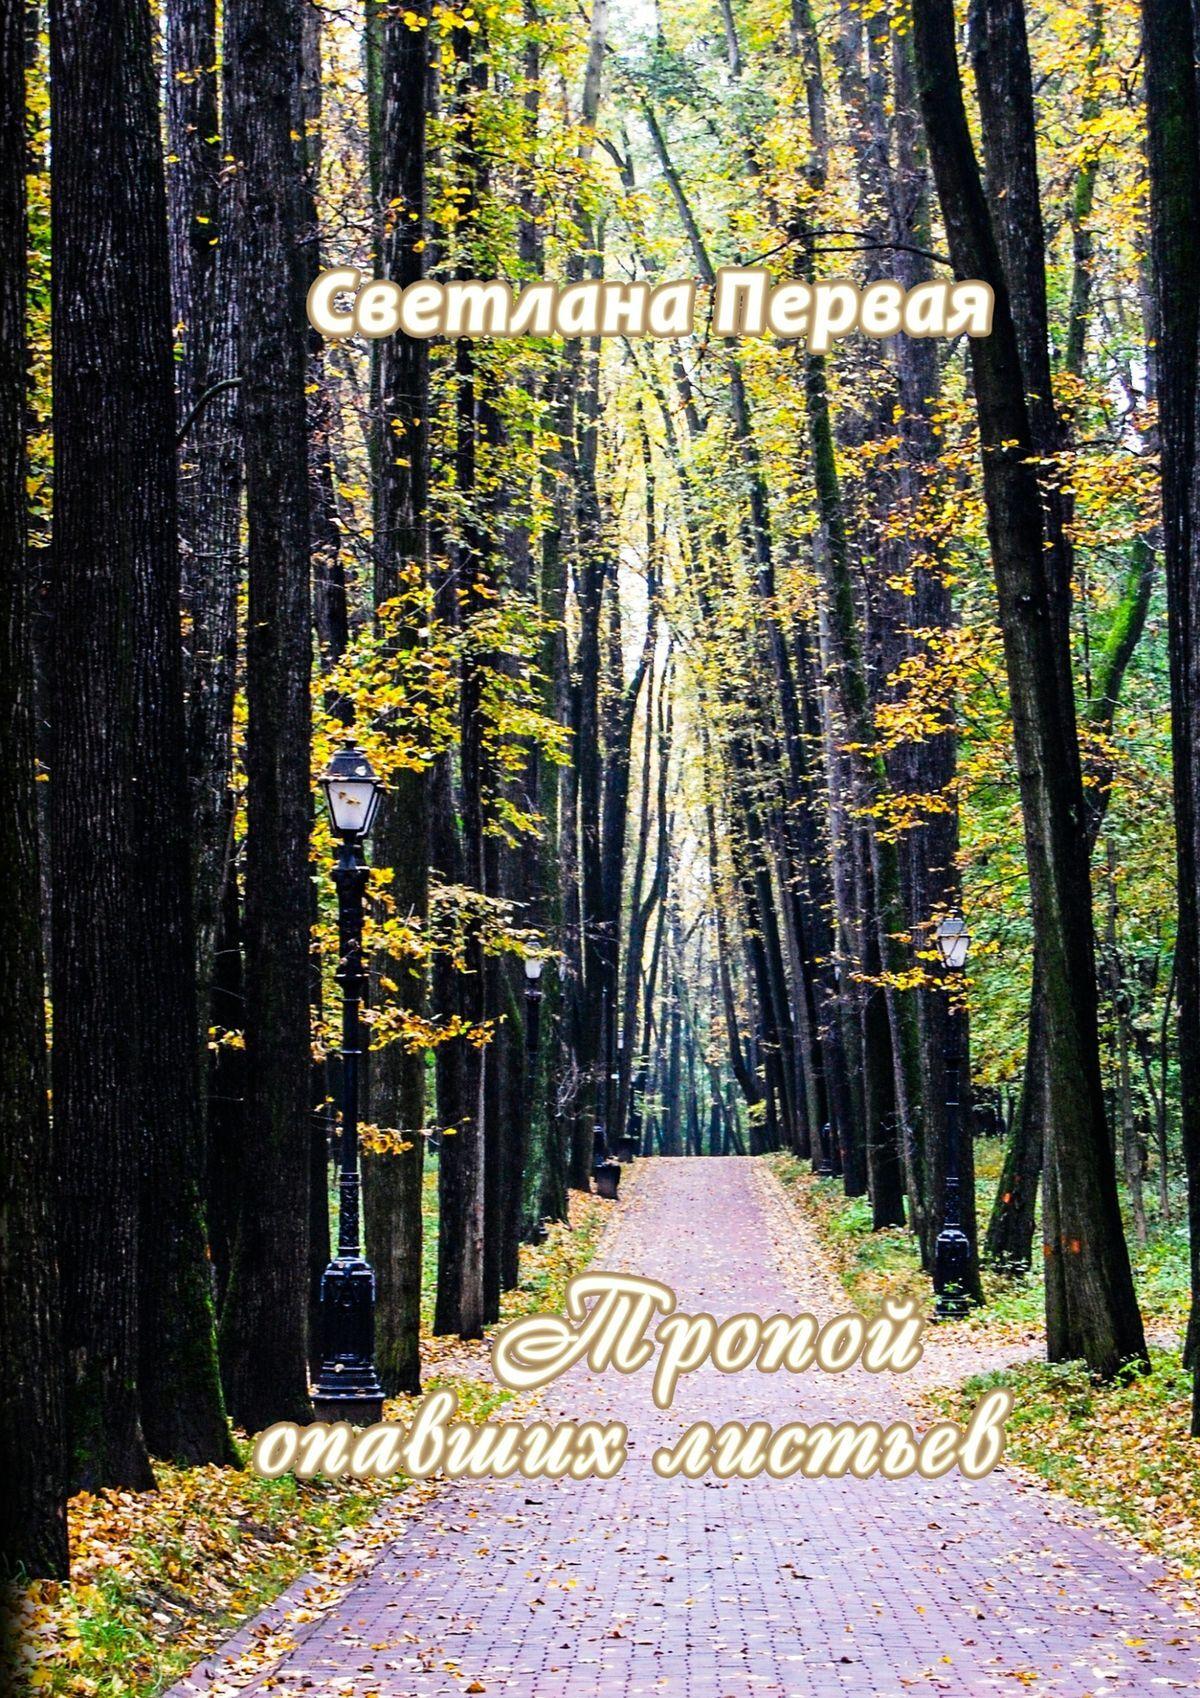 Тропой опавших листьев. Сборник стихотворений